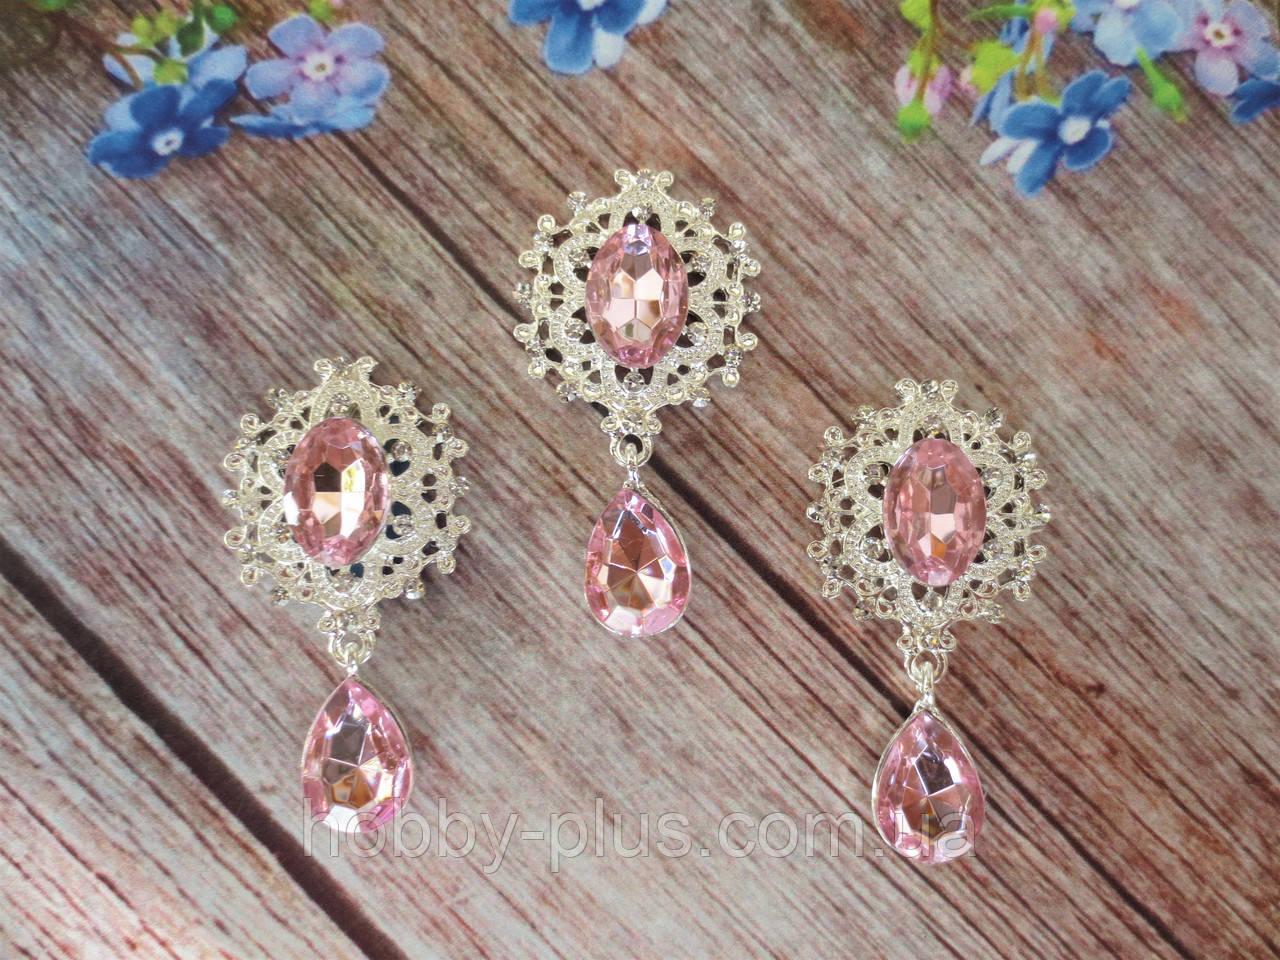 Металлический клеевой декор с подвеской, 45х25 мм, цвет розовый, 1 шт